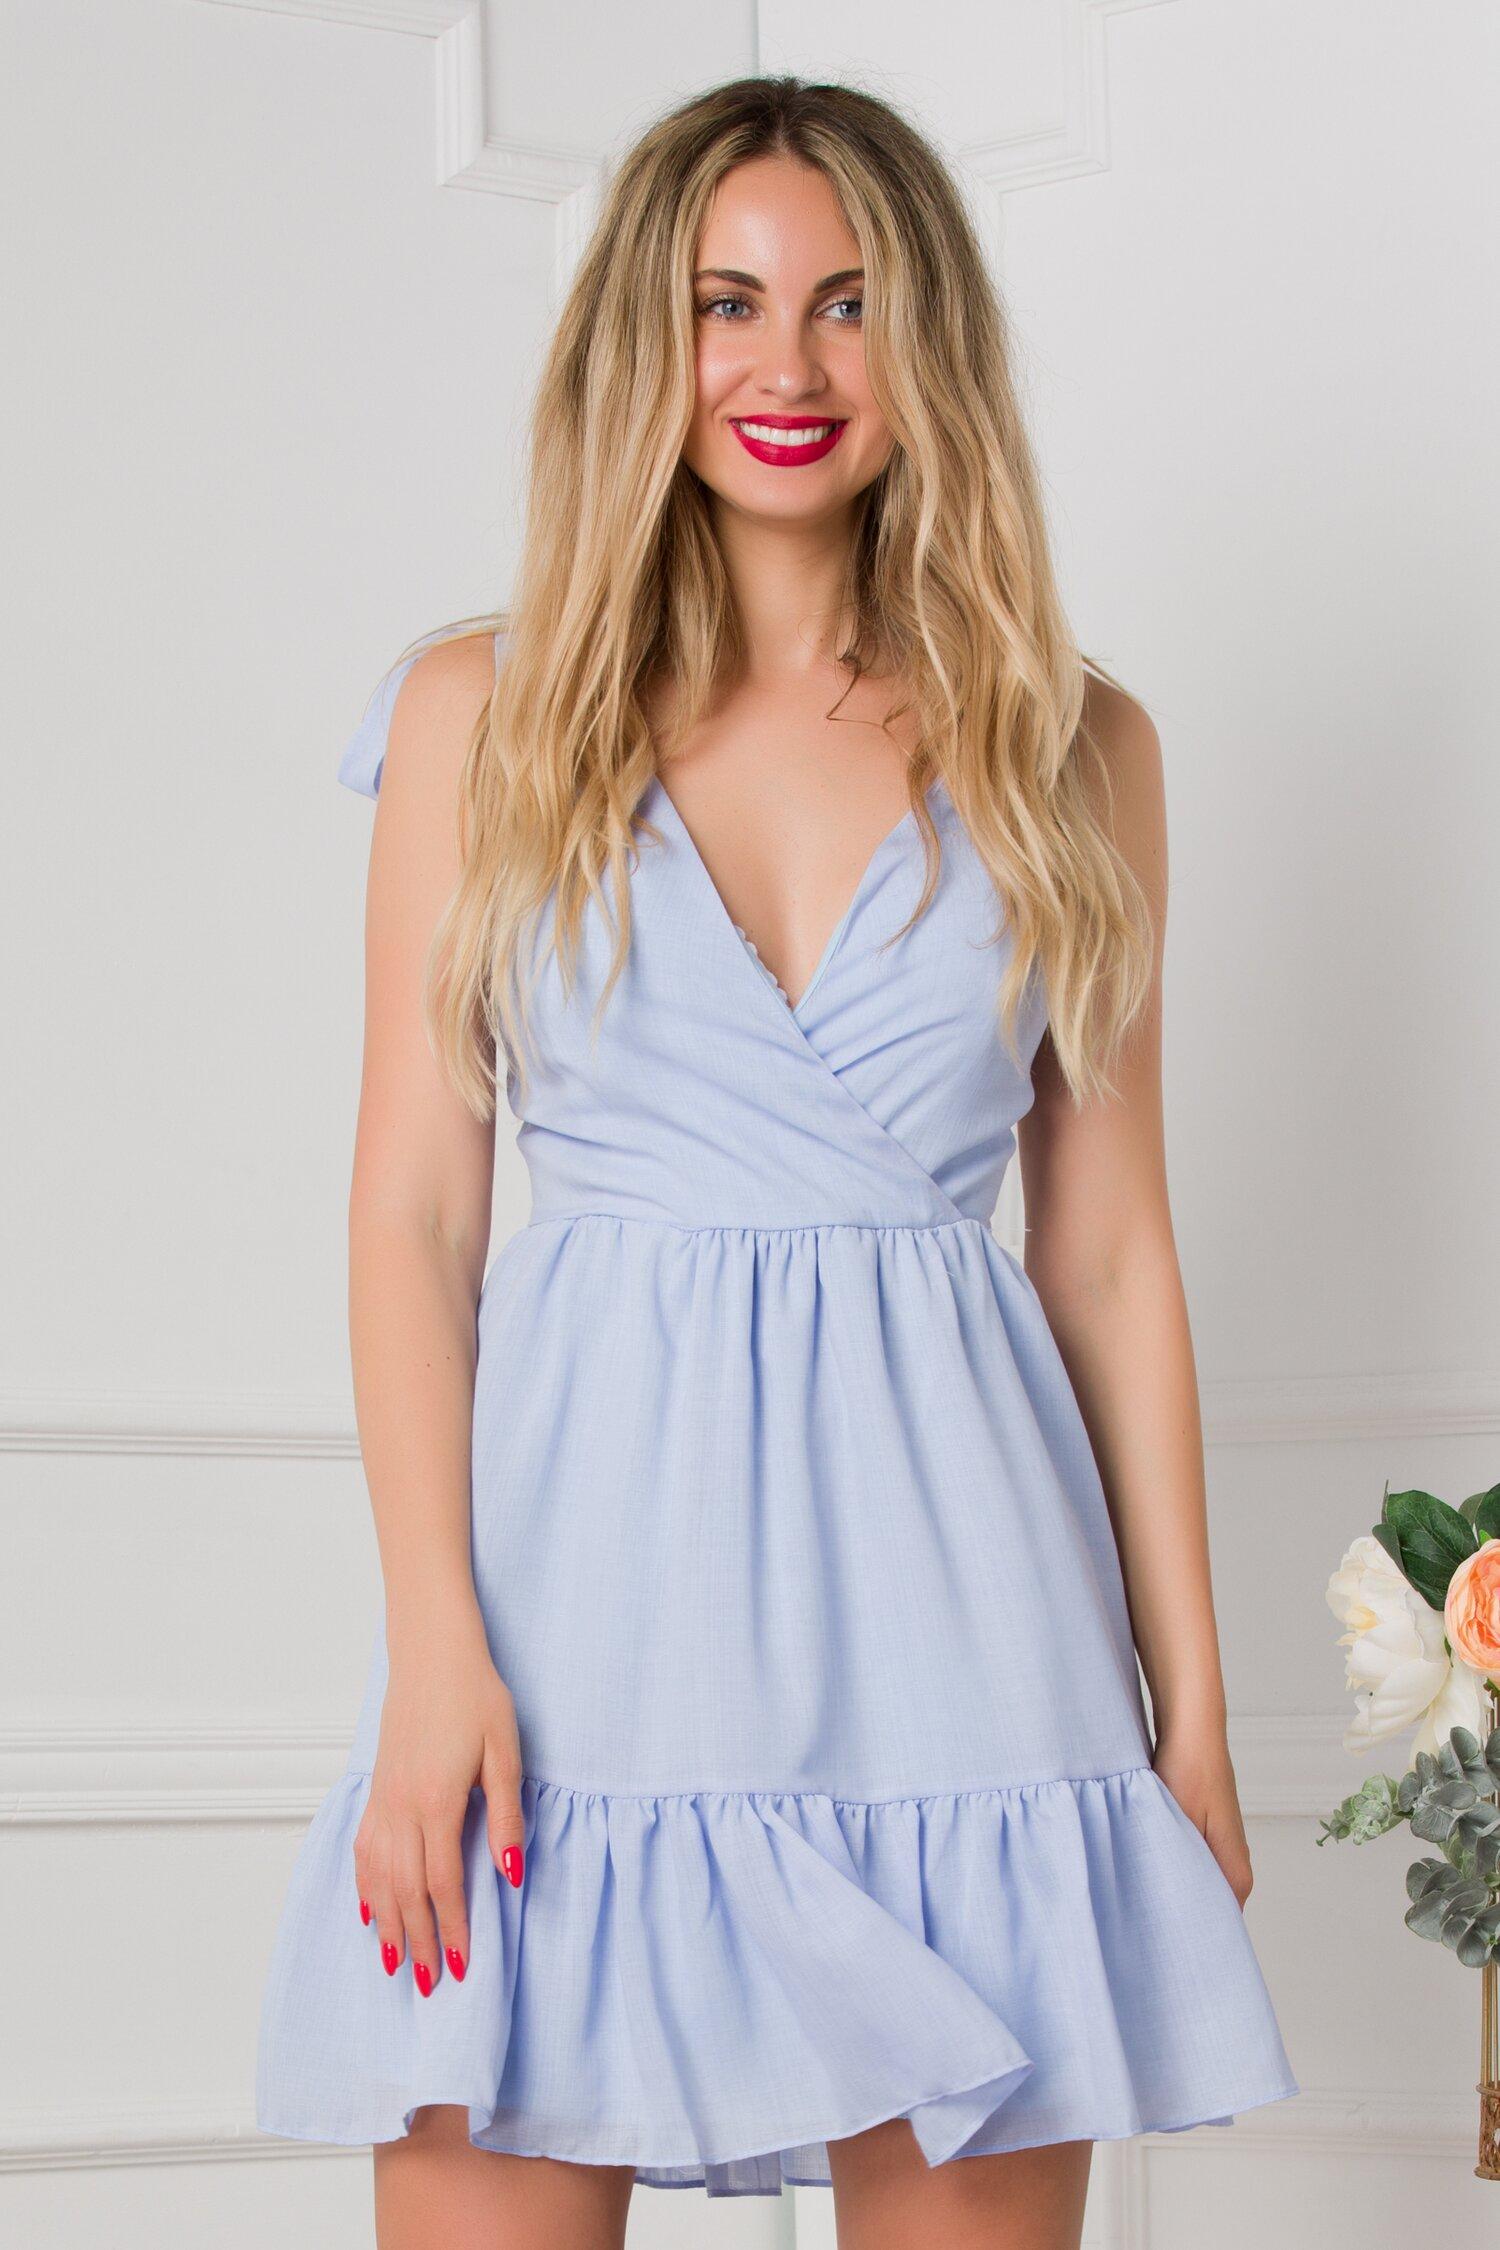 rochie dori bleu lejera cu volan la baza 533106 4